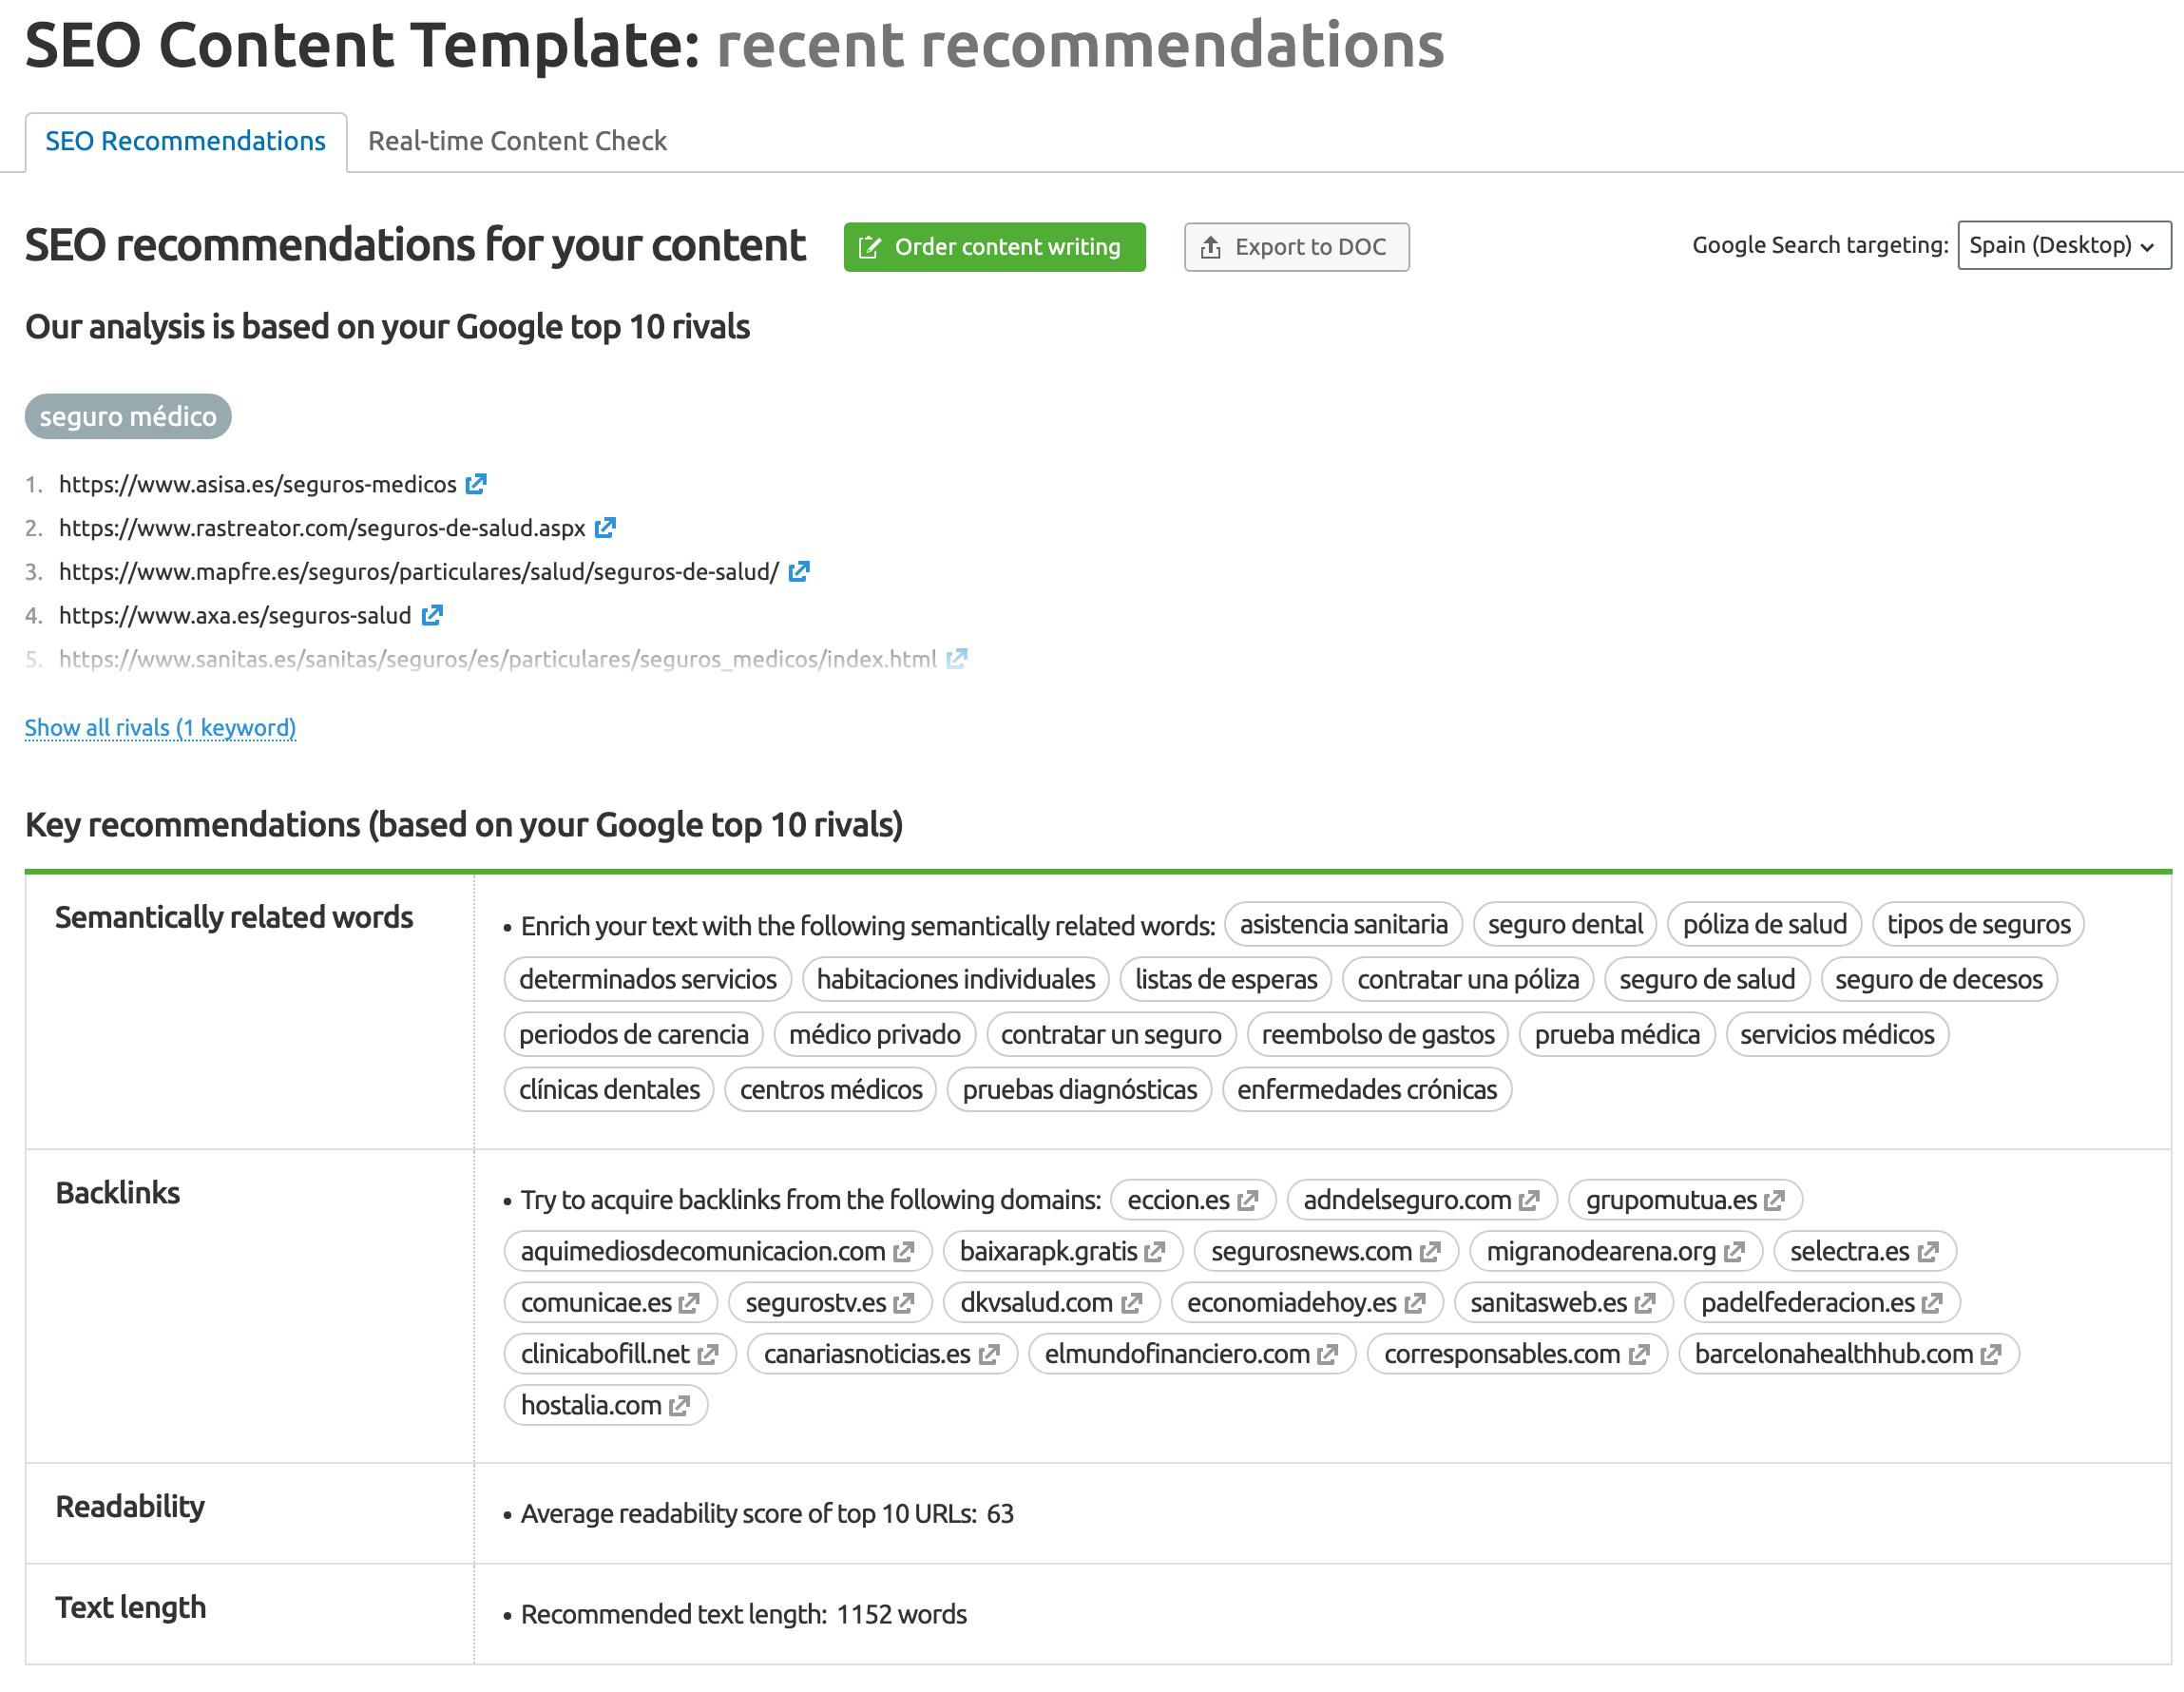 SEO Content Template captura de pantalla